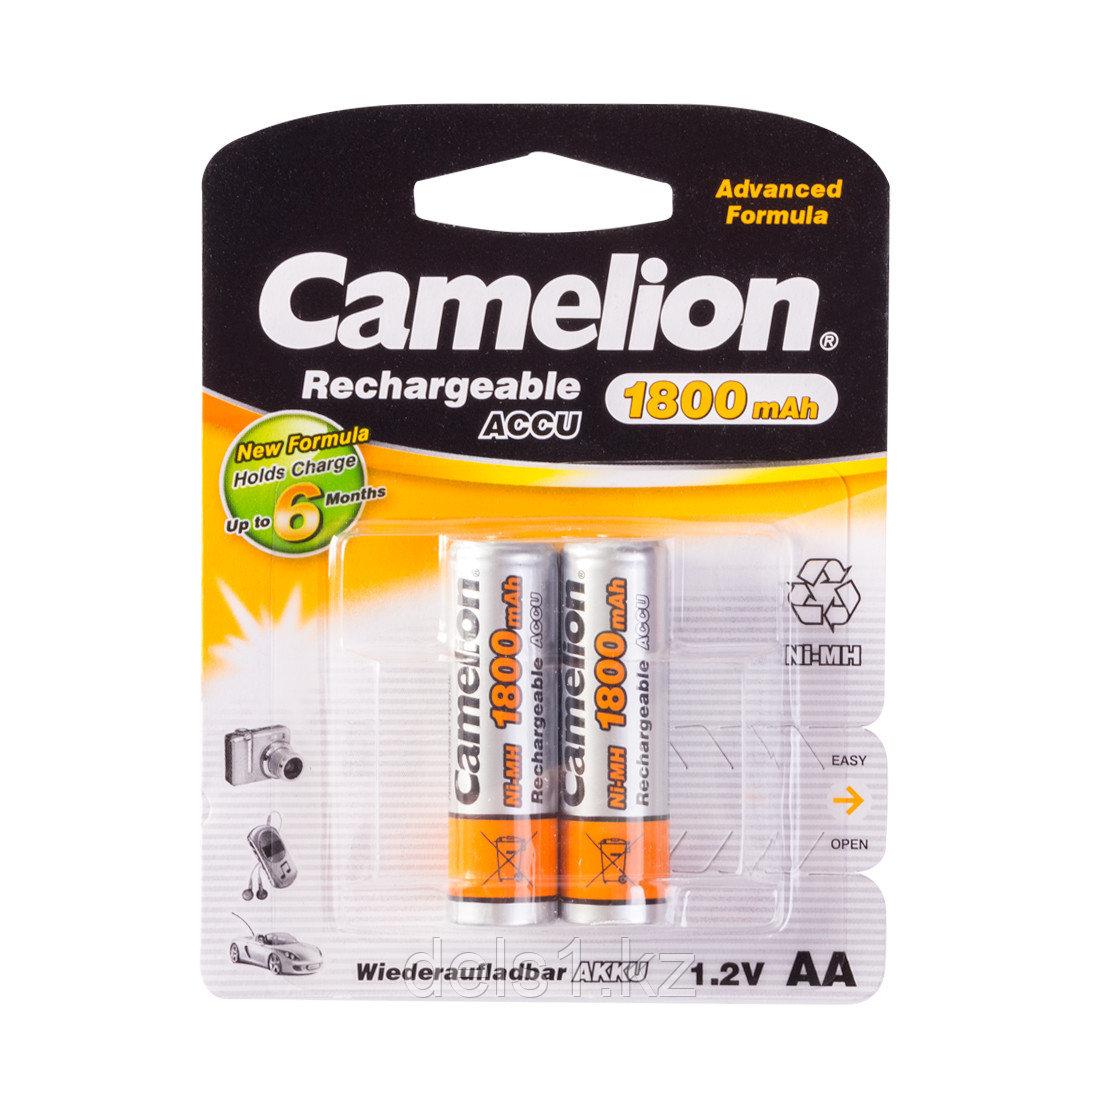 Аккумулятор, CAMELION, NH-AA1800BP2 , Rechargeable, AA, 1.2V, 1800 mAh, 2 шт., Блистер